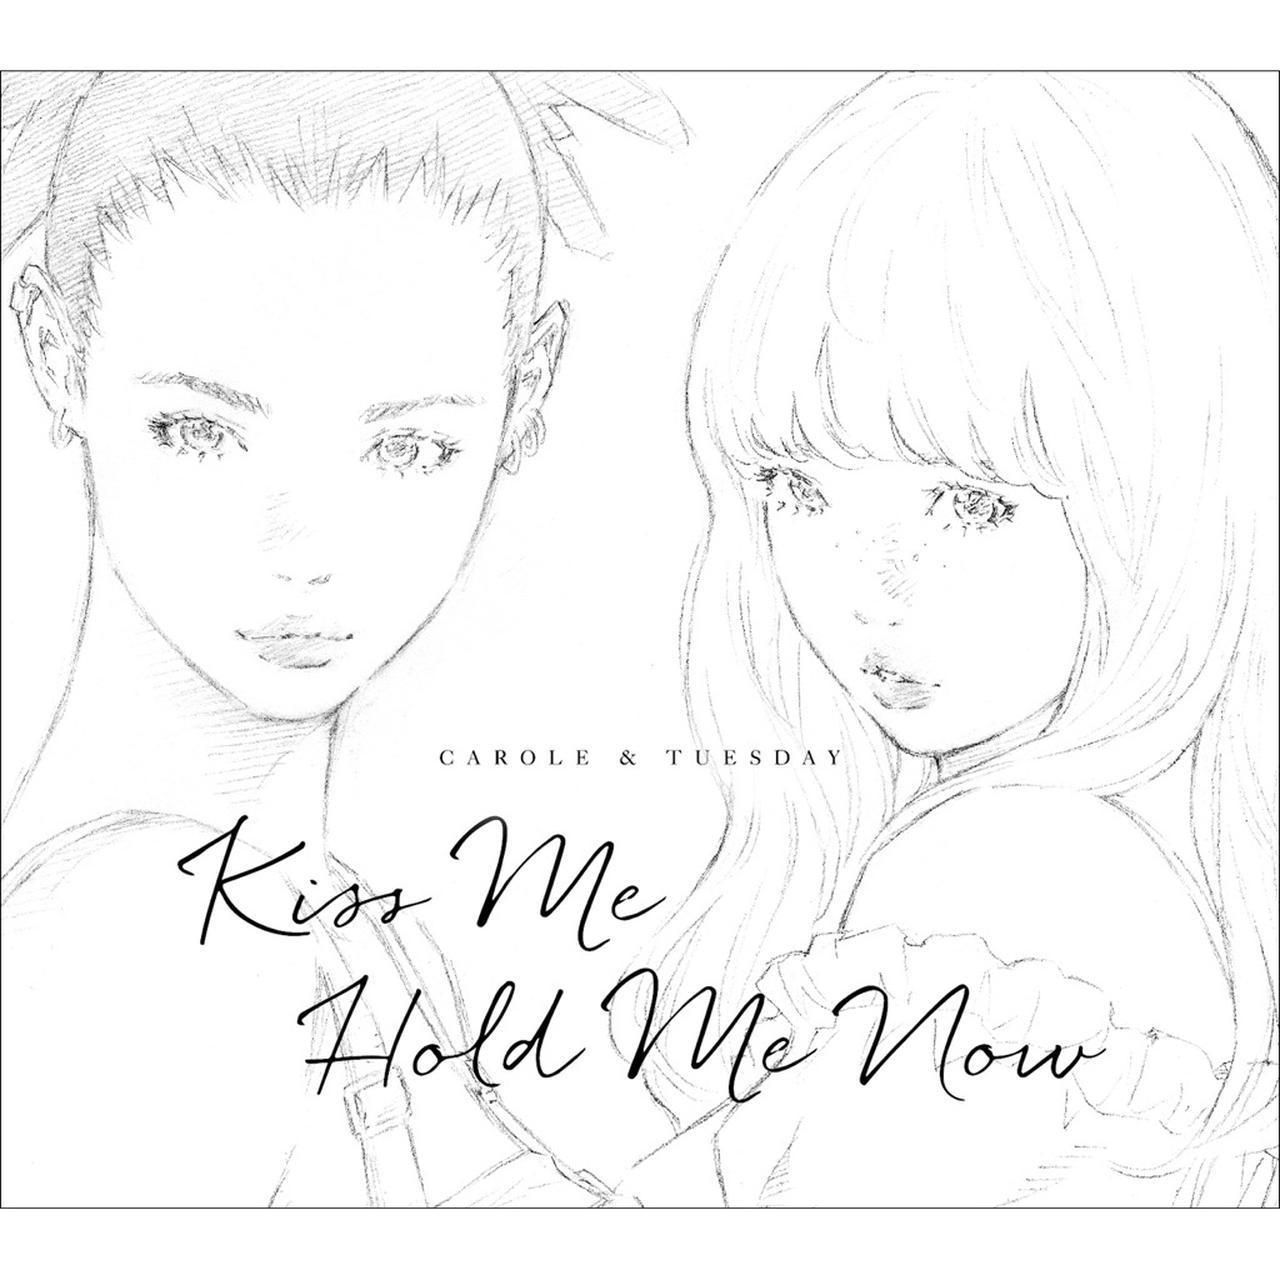 画像: Kiss Me/Hold Me Now / キャロル&チューズデイ(Vo.Nai Br.XX&Celeina Ann)